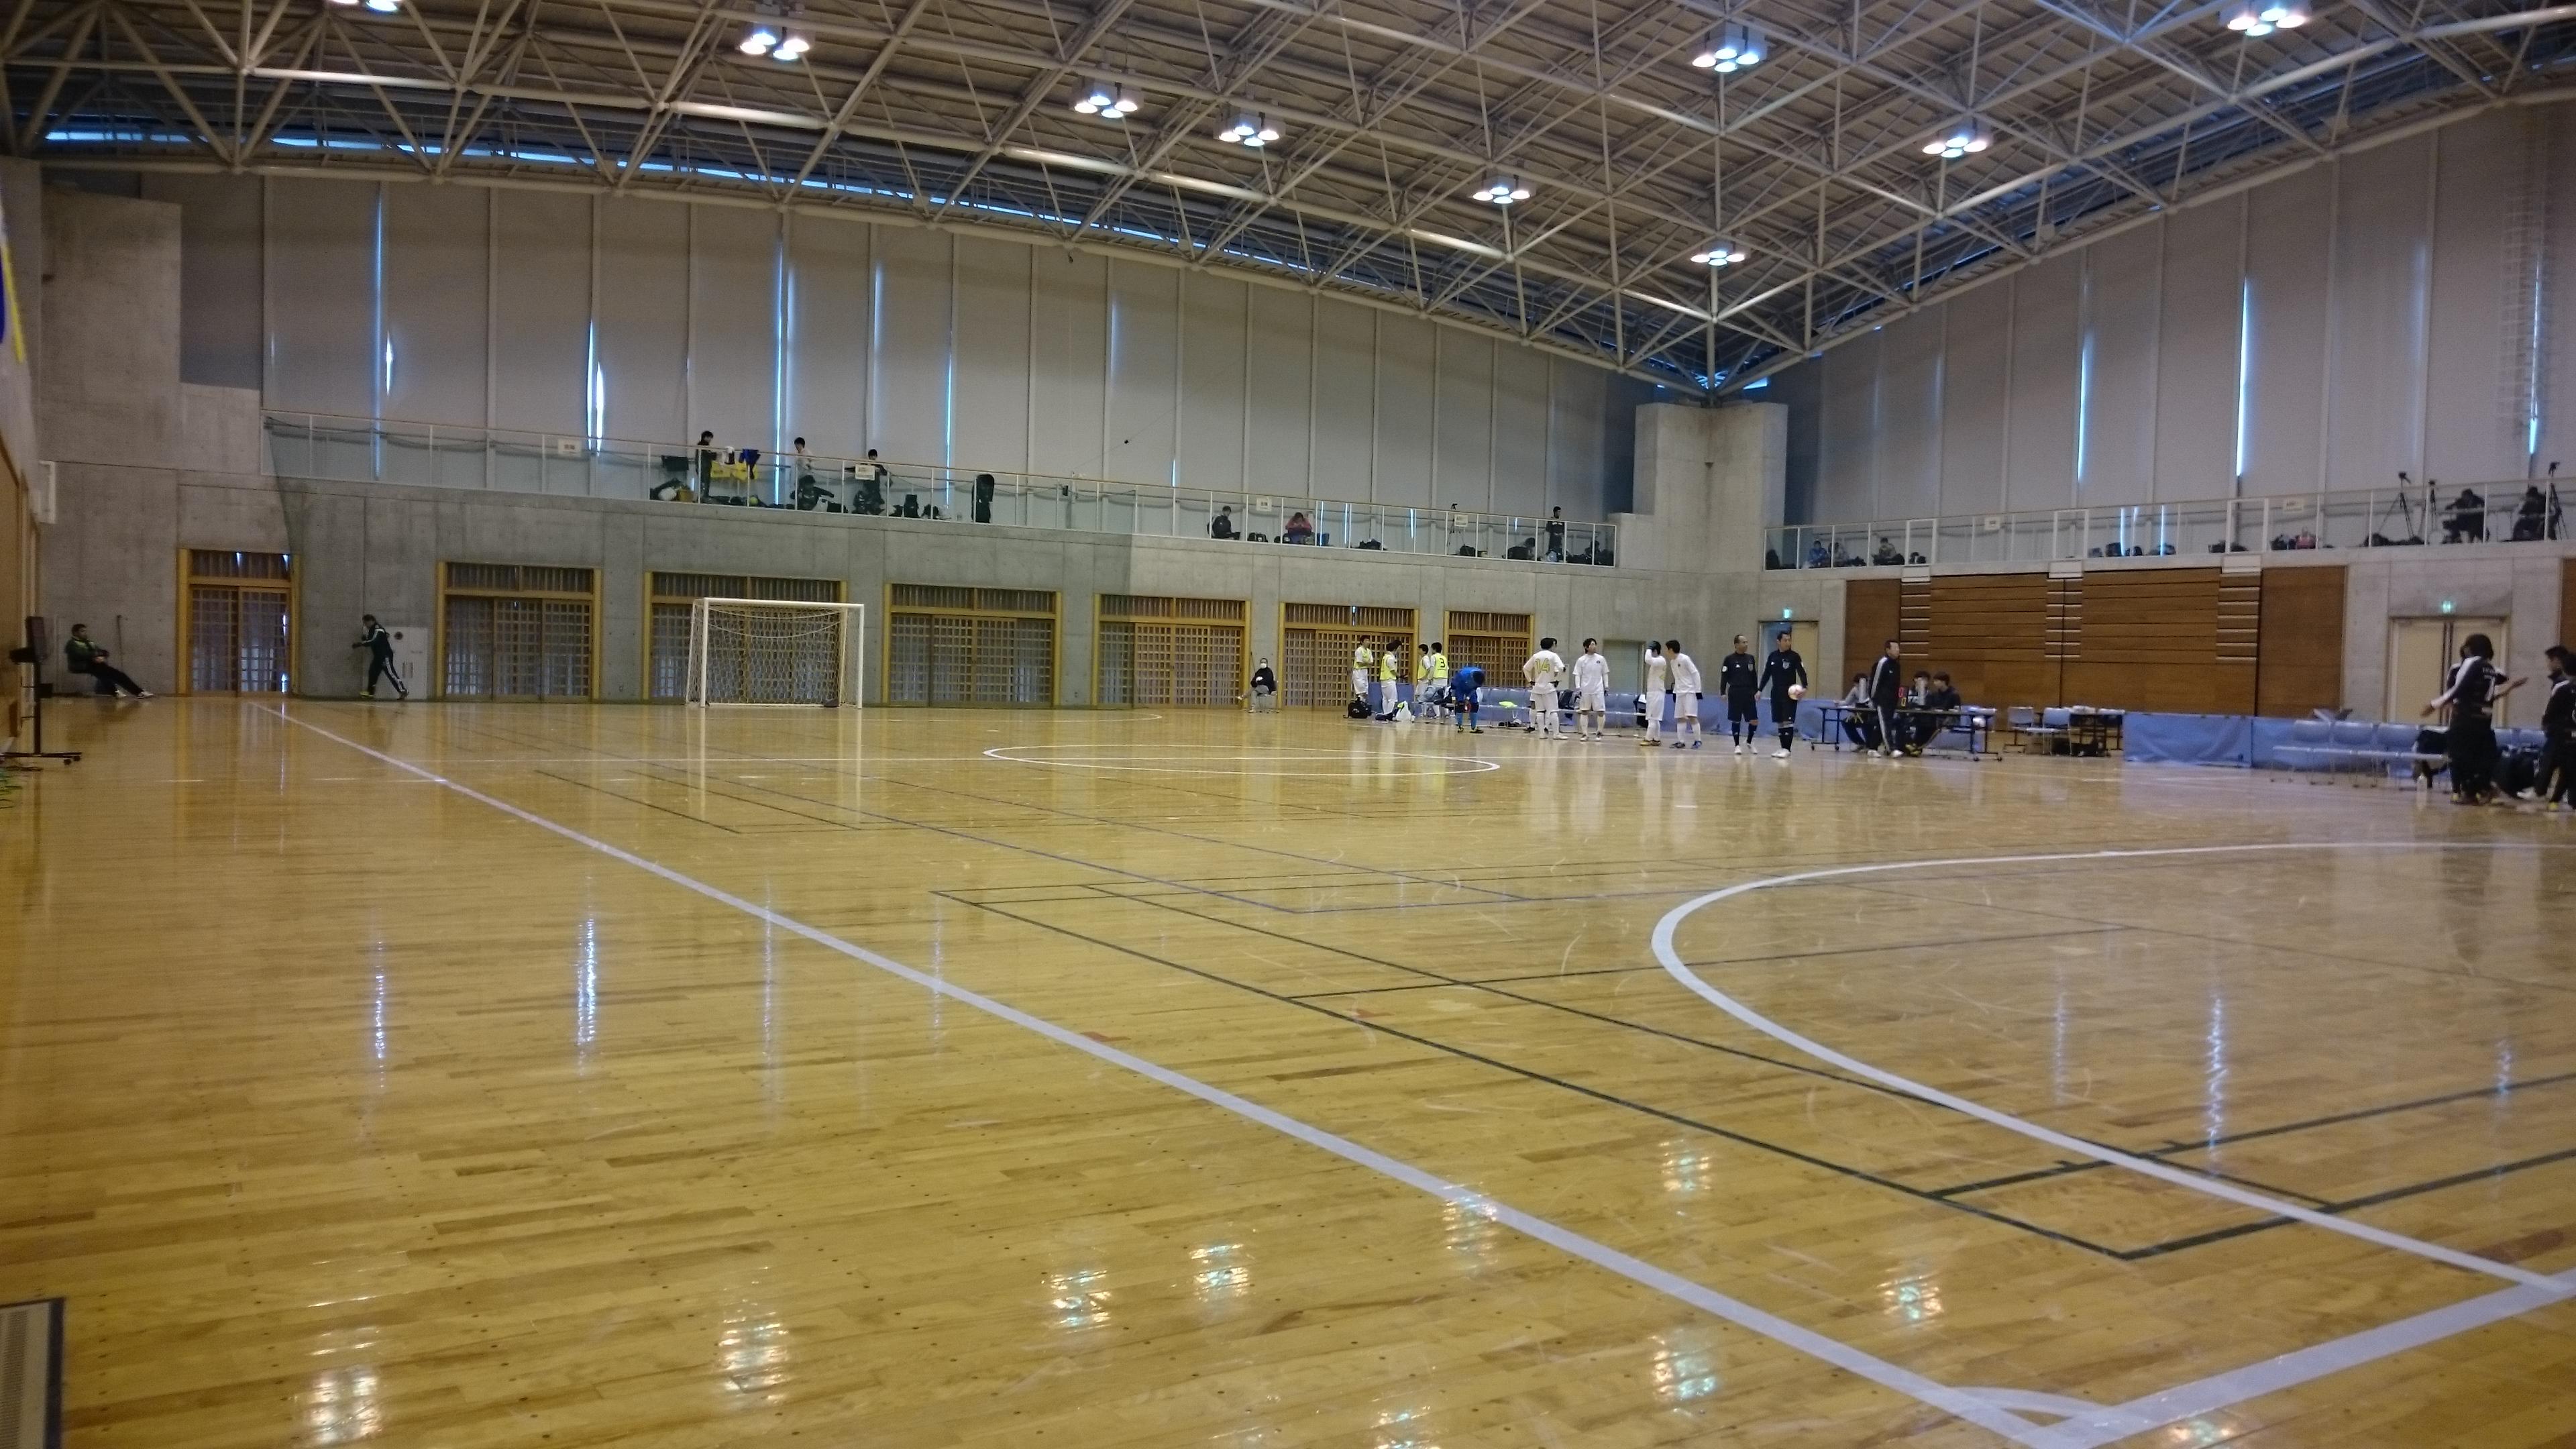 関市武儀生涯学習センター | FOOTBALL JUNKY